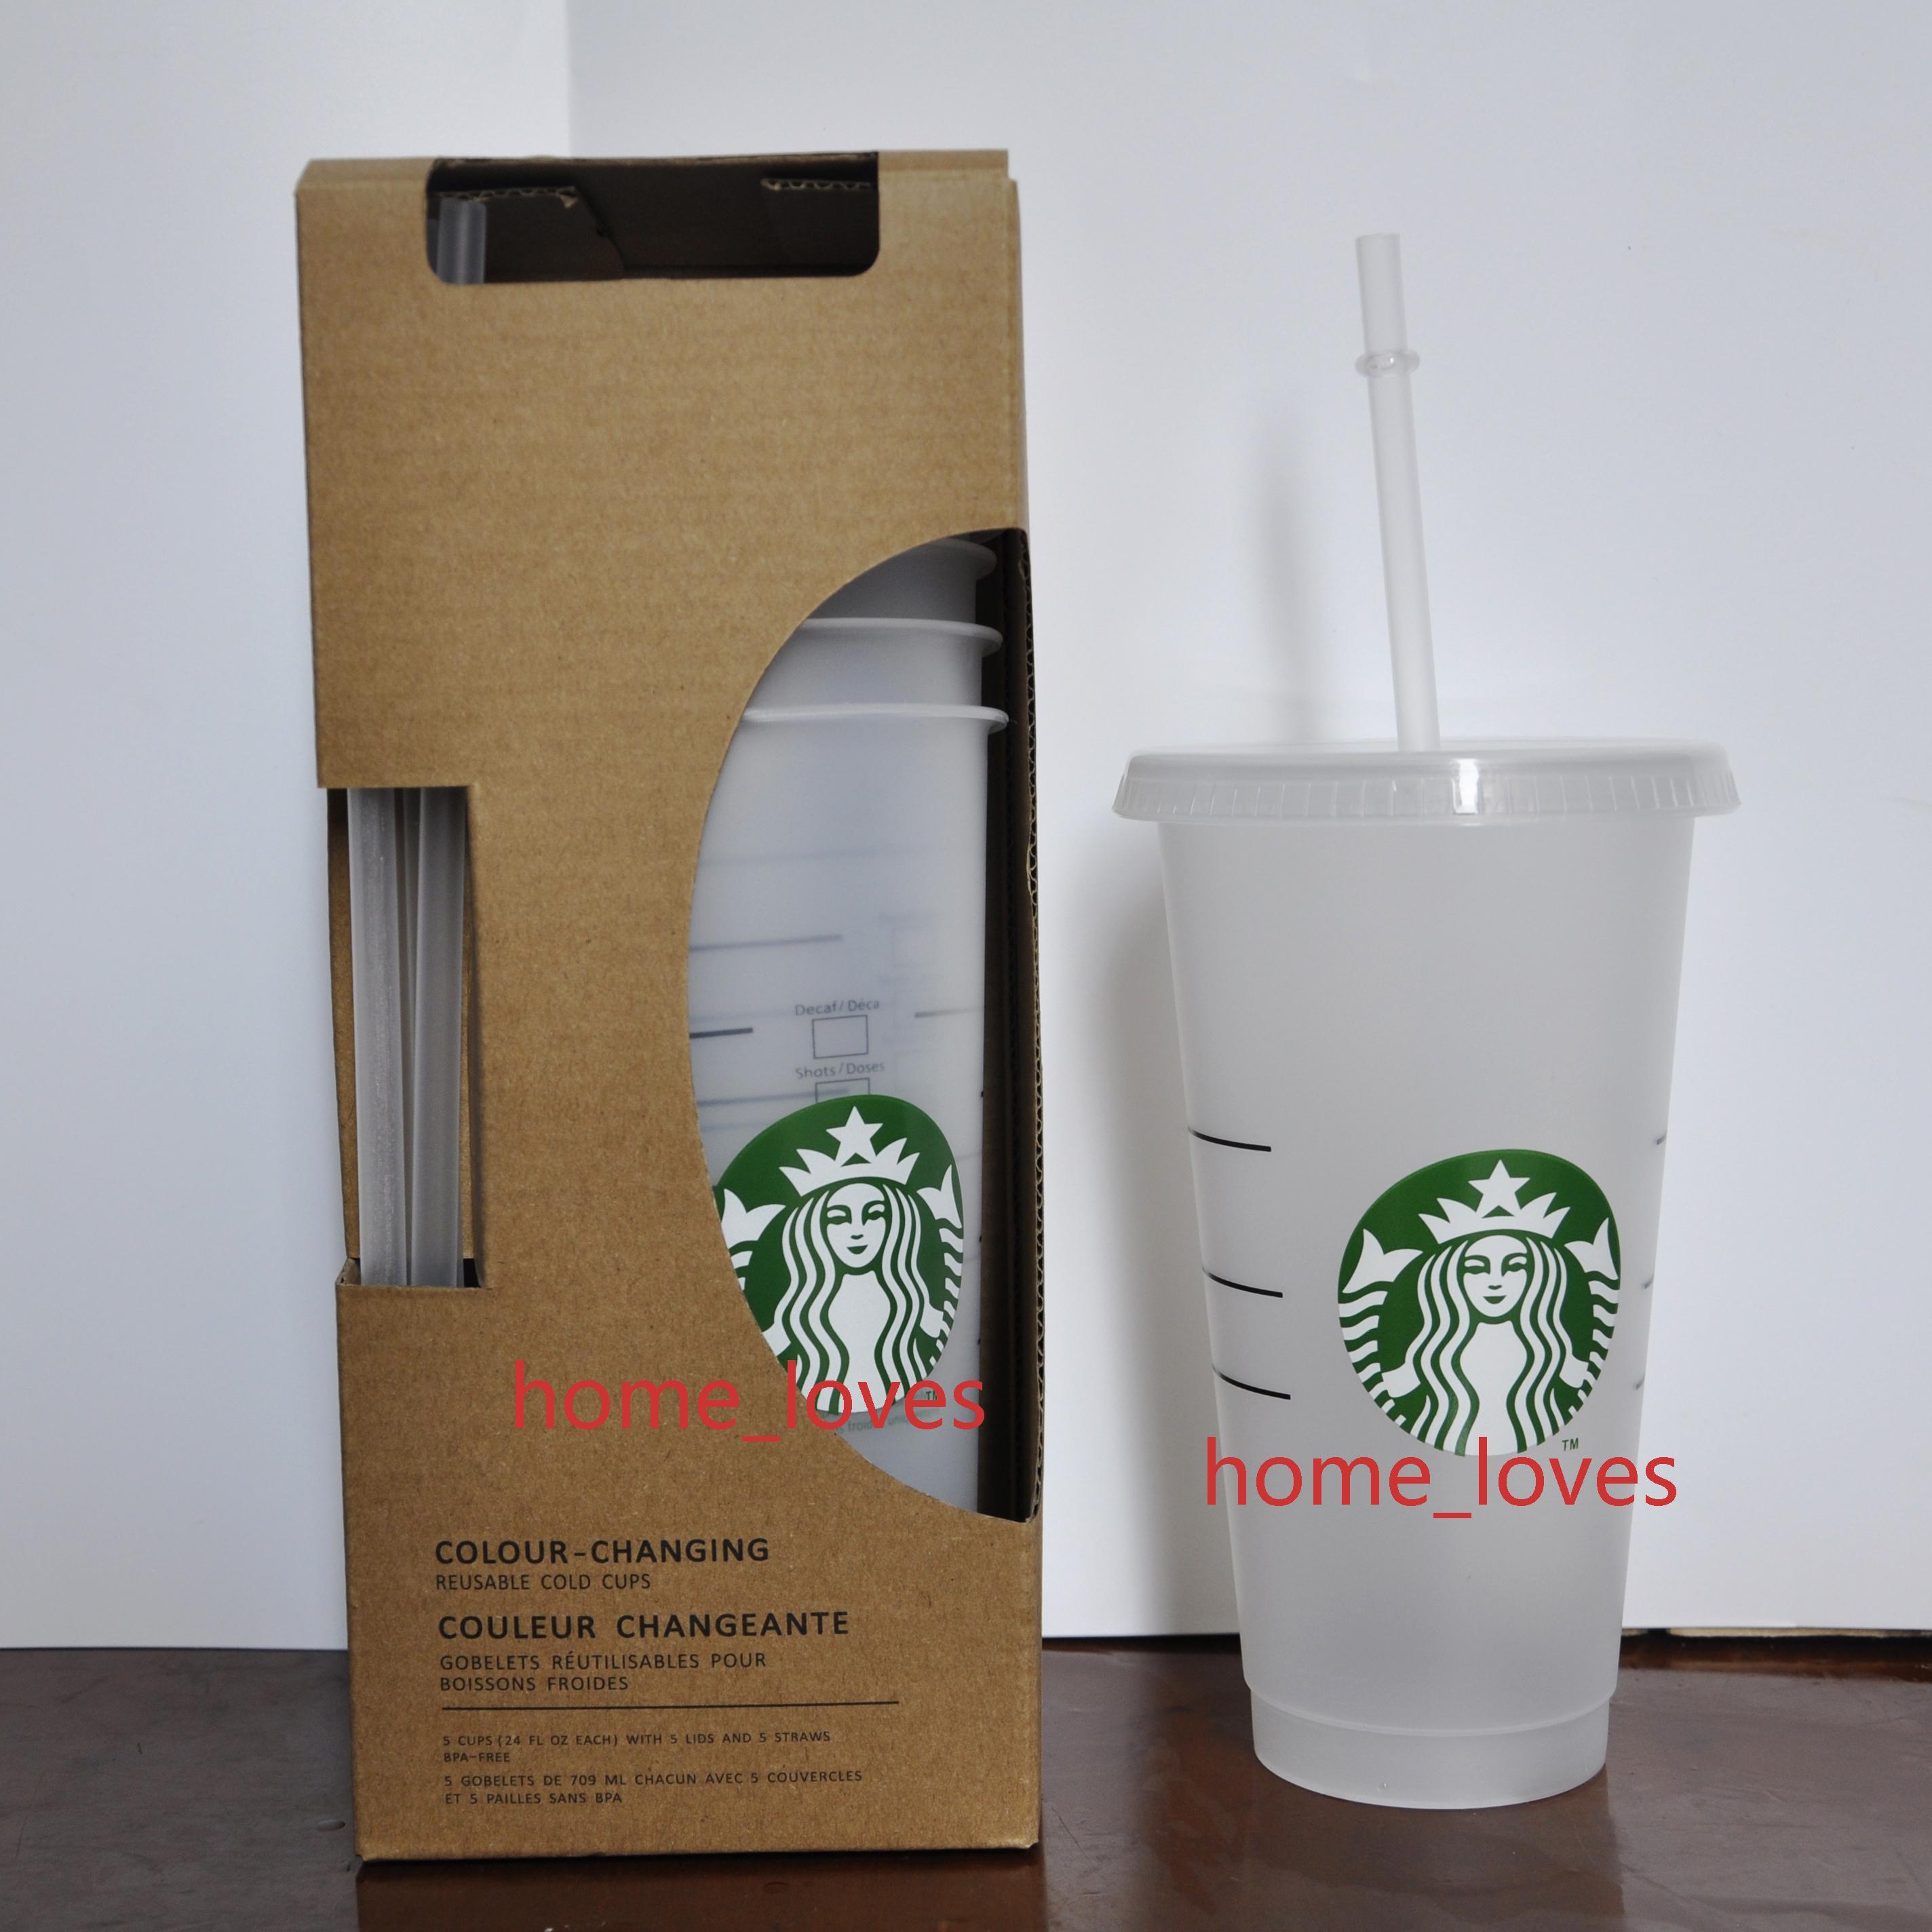 24oz / 710ml 투명 플라스틱 컵 주스 컵 색상을 변경하지 않는 주스 컵 뚜껑과 빨대 coffe와 함께 재사용 가능한 음료 컵 스타 벅스 컵